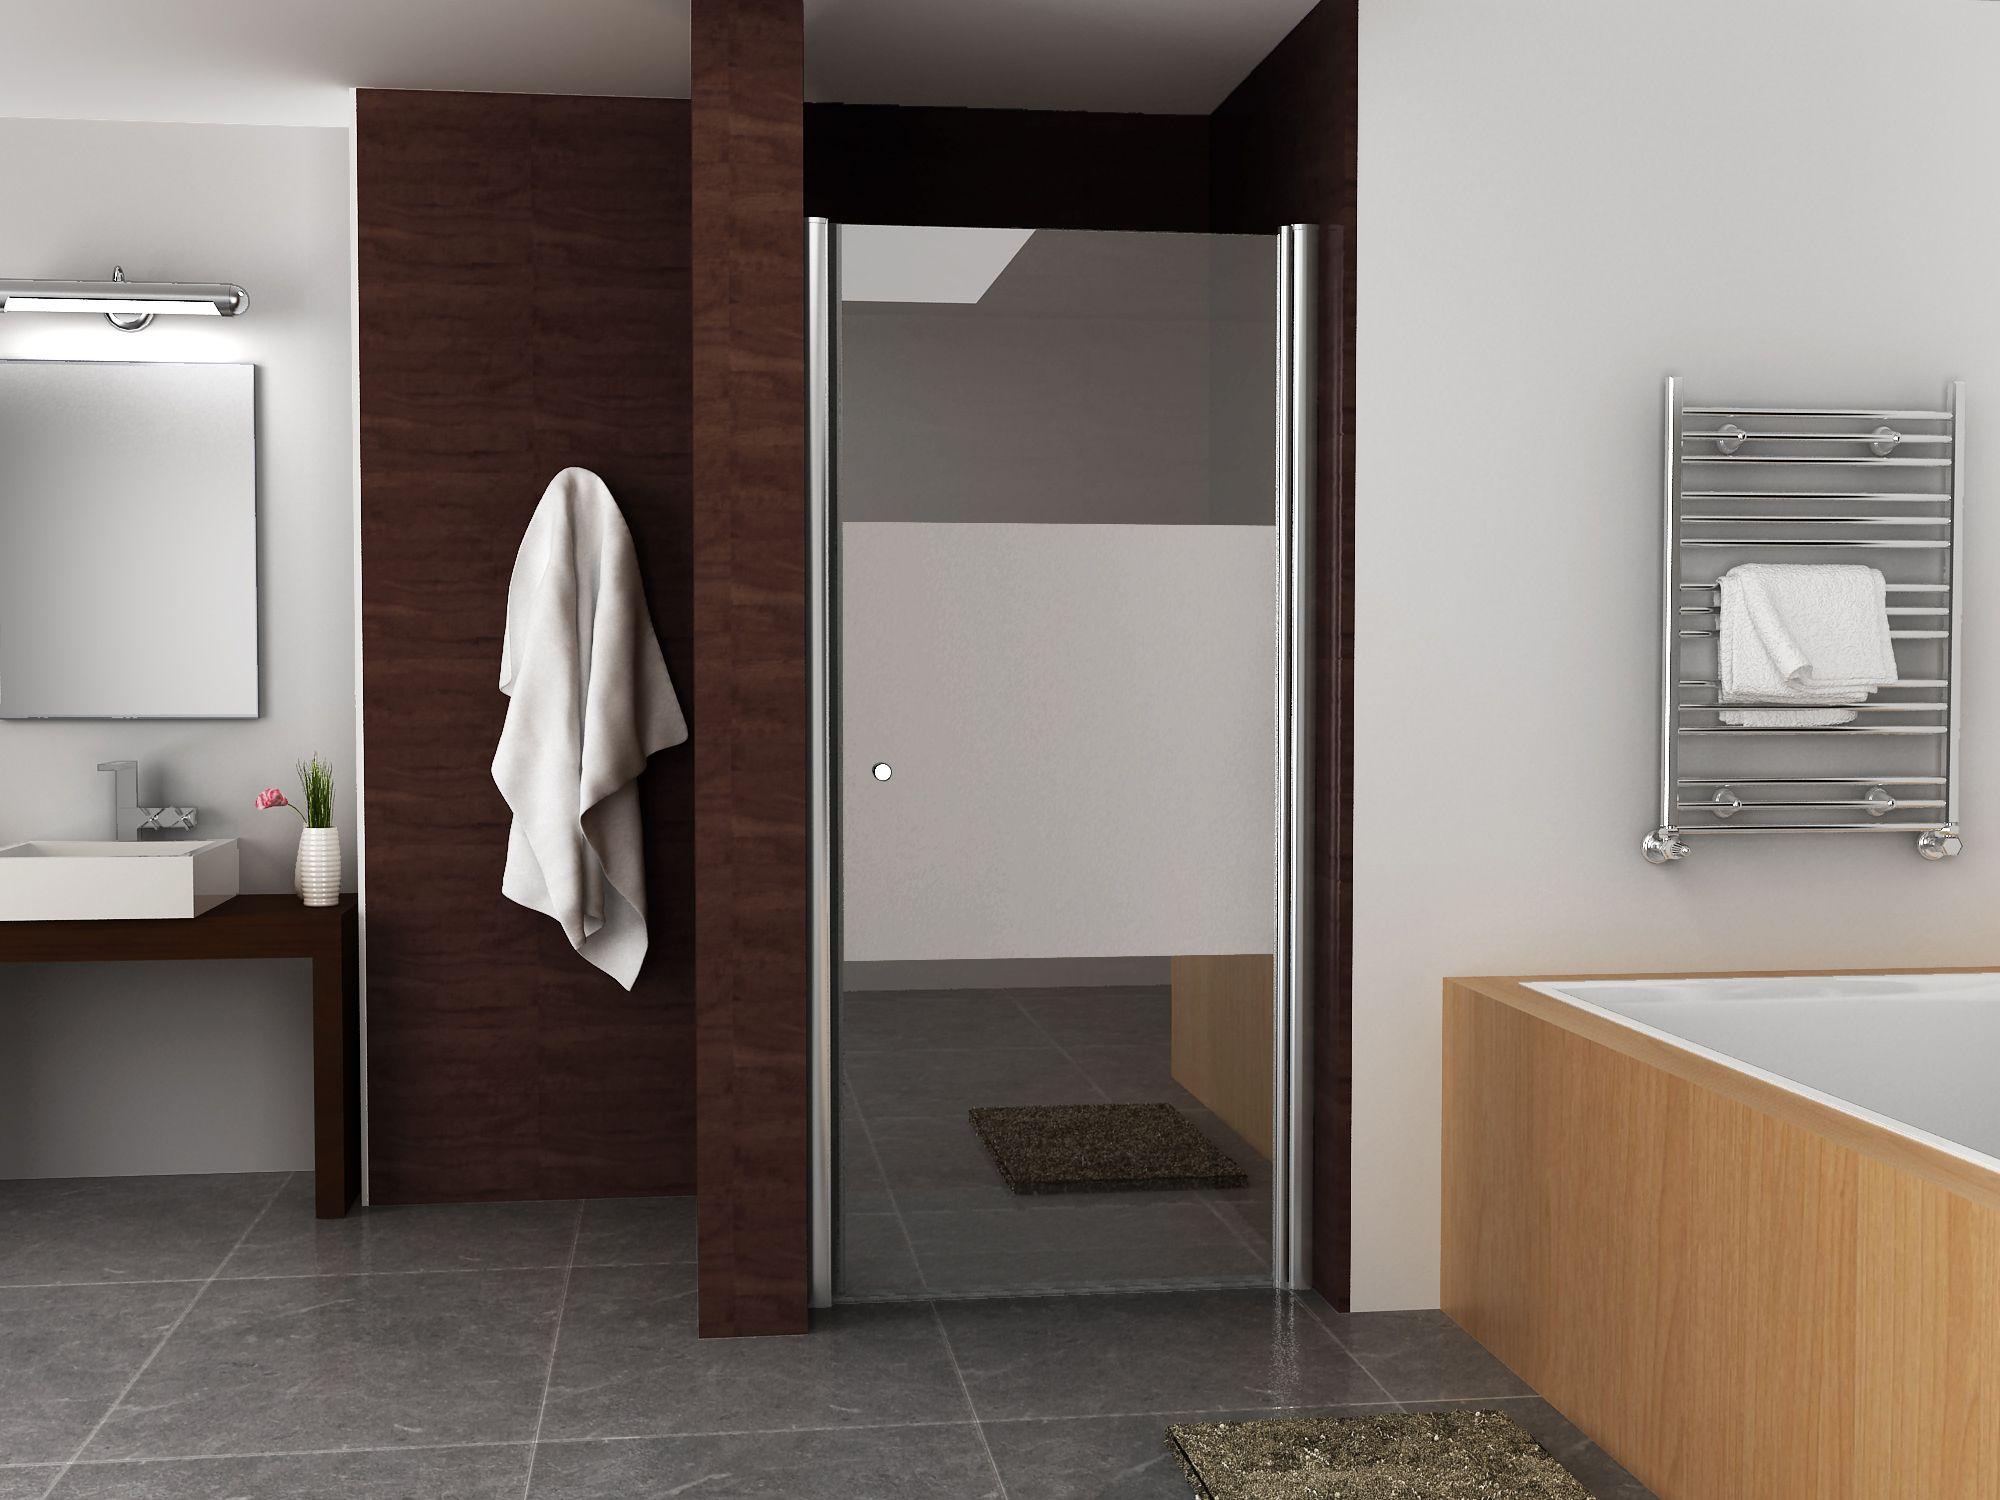 Mueller Satijn douchedeur rechts met mat glas 90x200cm ANTI-KALK